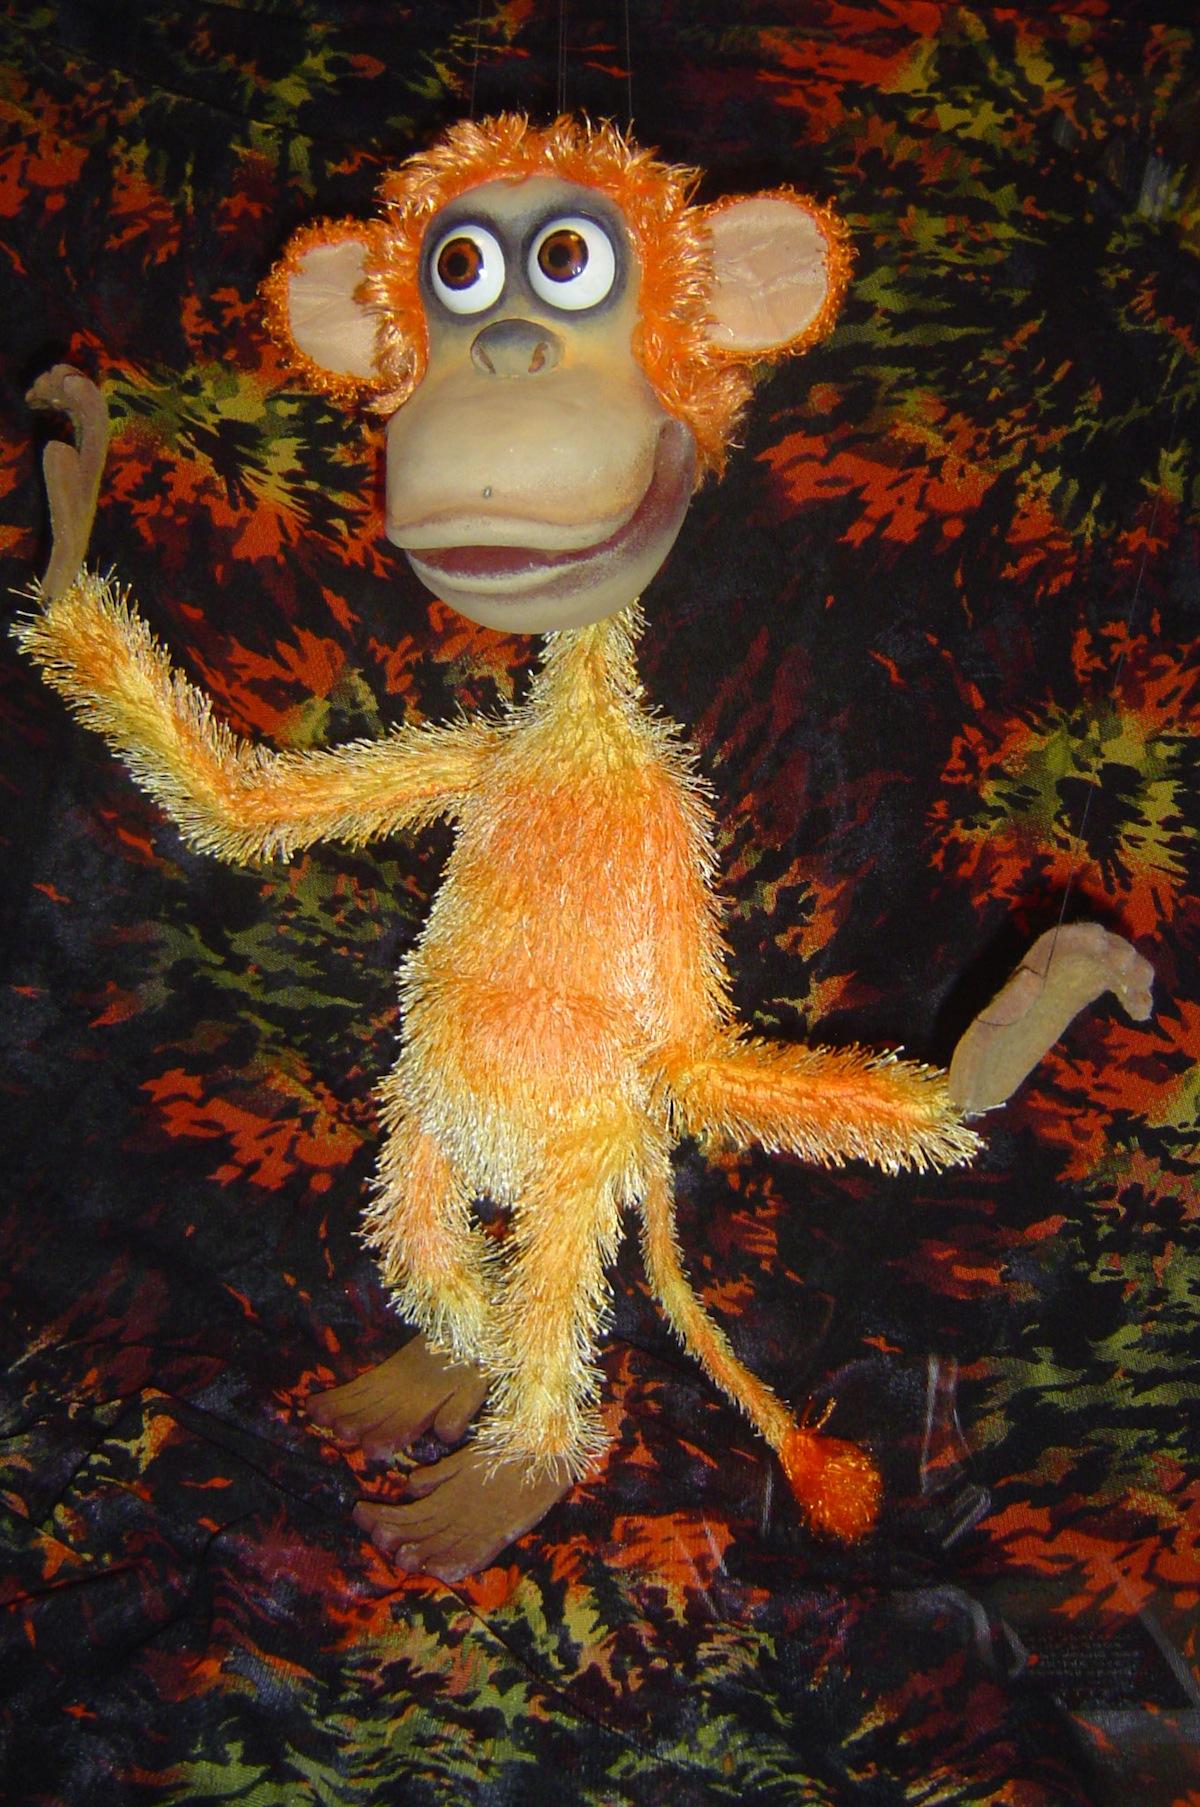 PuppetART_banana-for-turtle-06.jpg